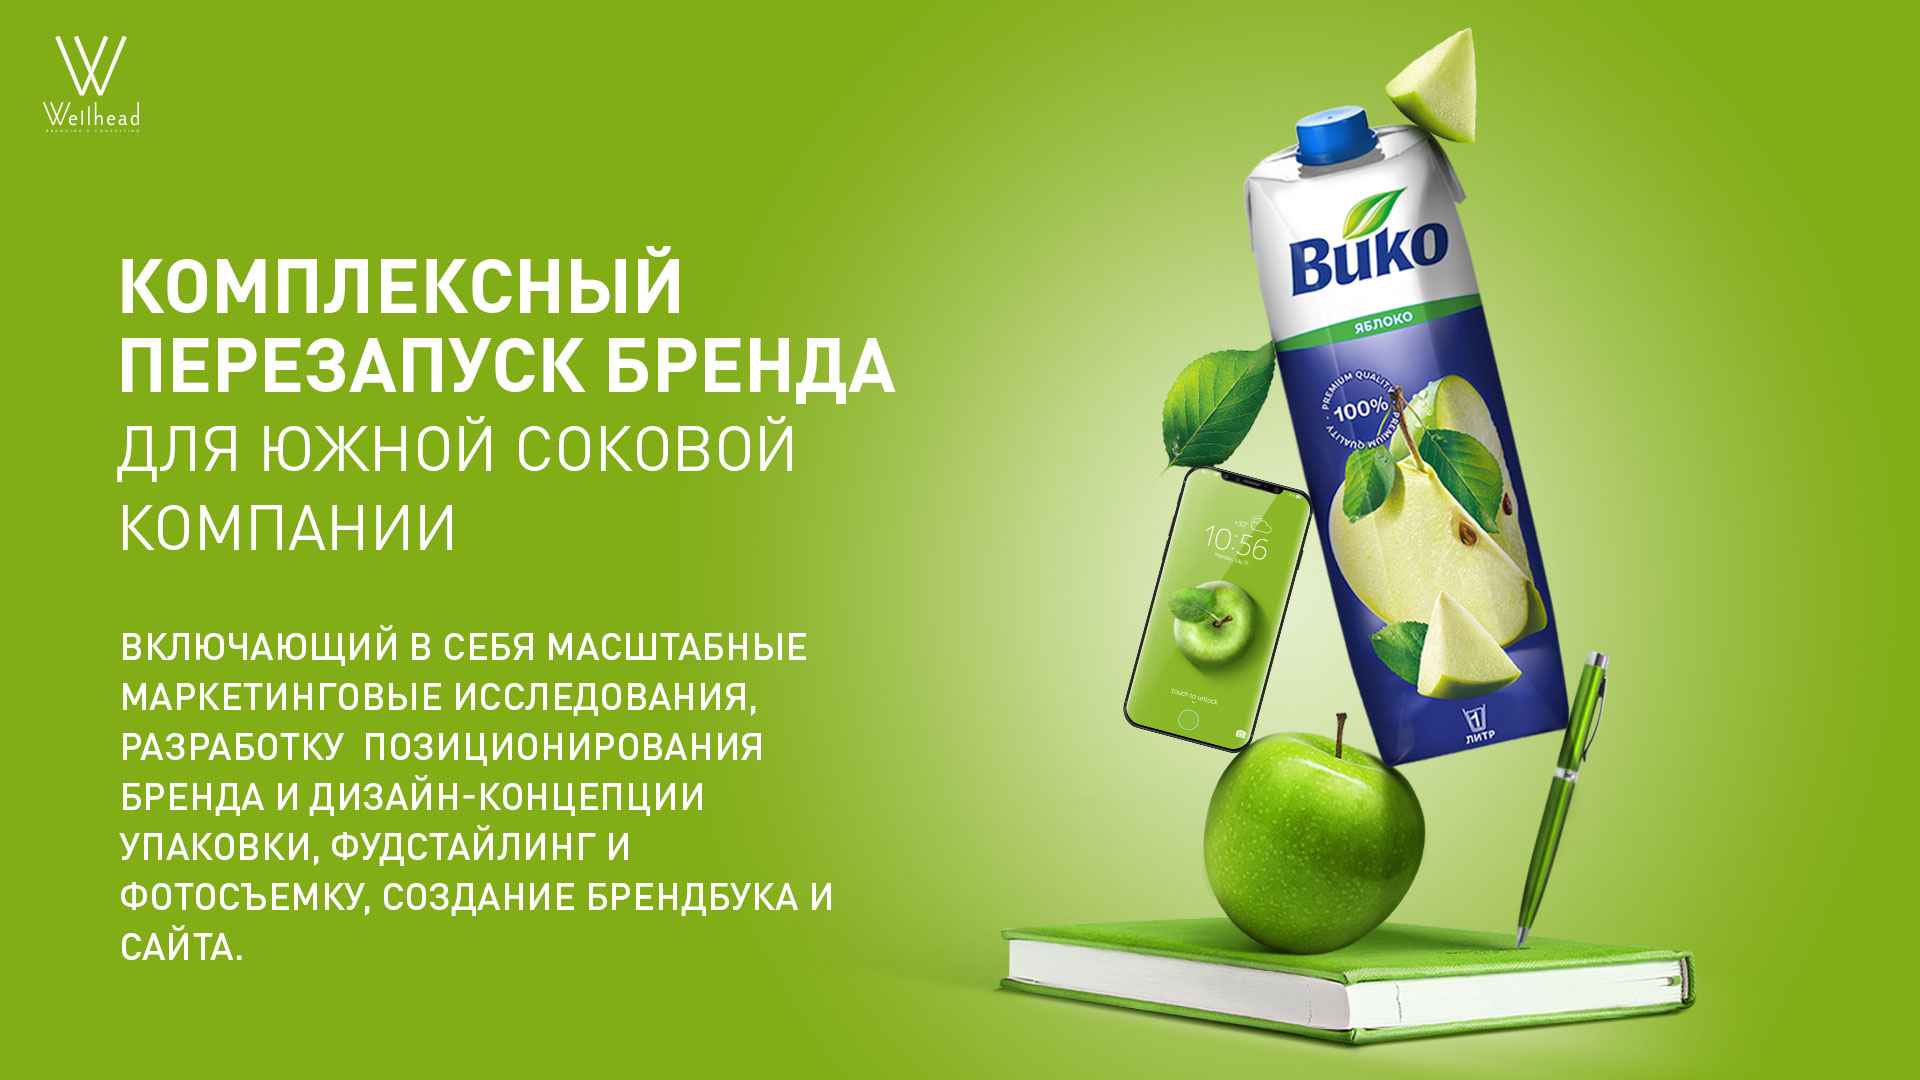 Комплексный перезапуск бренда ВИКО